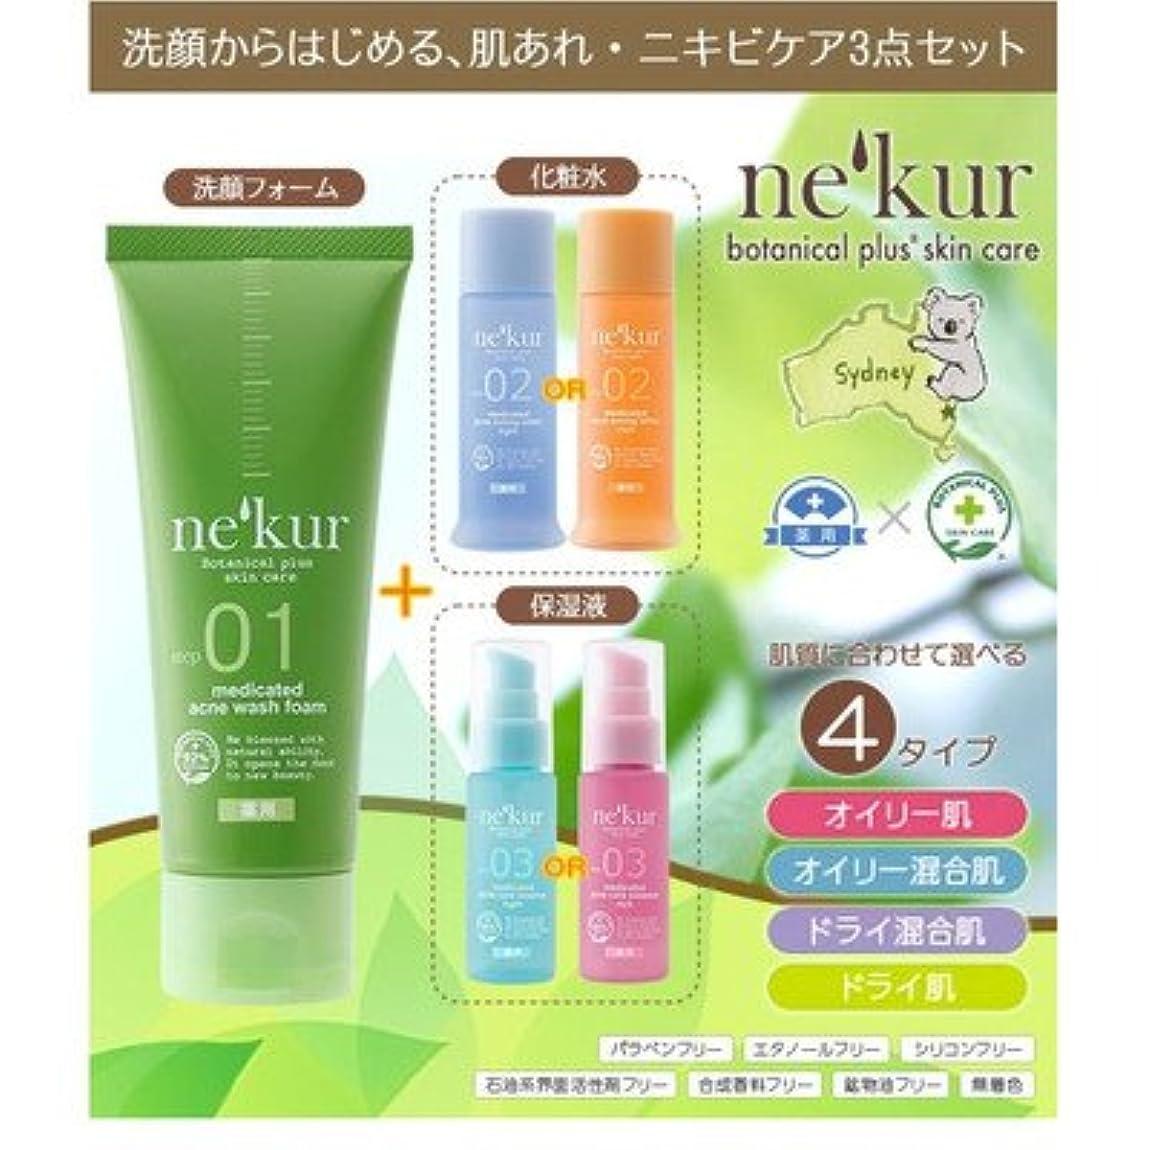 涙パフ監督するネクア(nekur) ボタニカルプラススキンケア 薬用アクネ洗顔3点セット ドライ肌セット( 画像はイメージ画像です お届けの商品はドライ肌セットのみとなります)